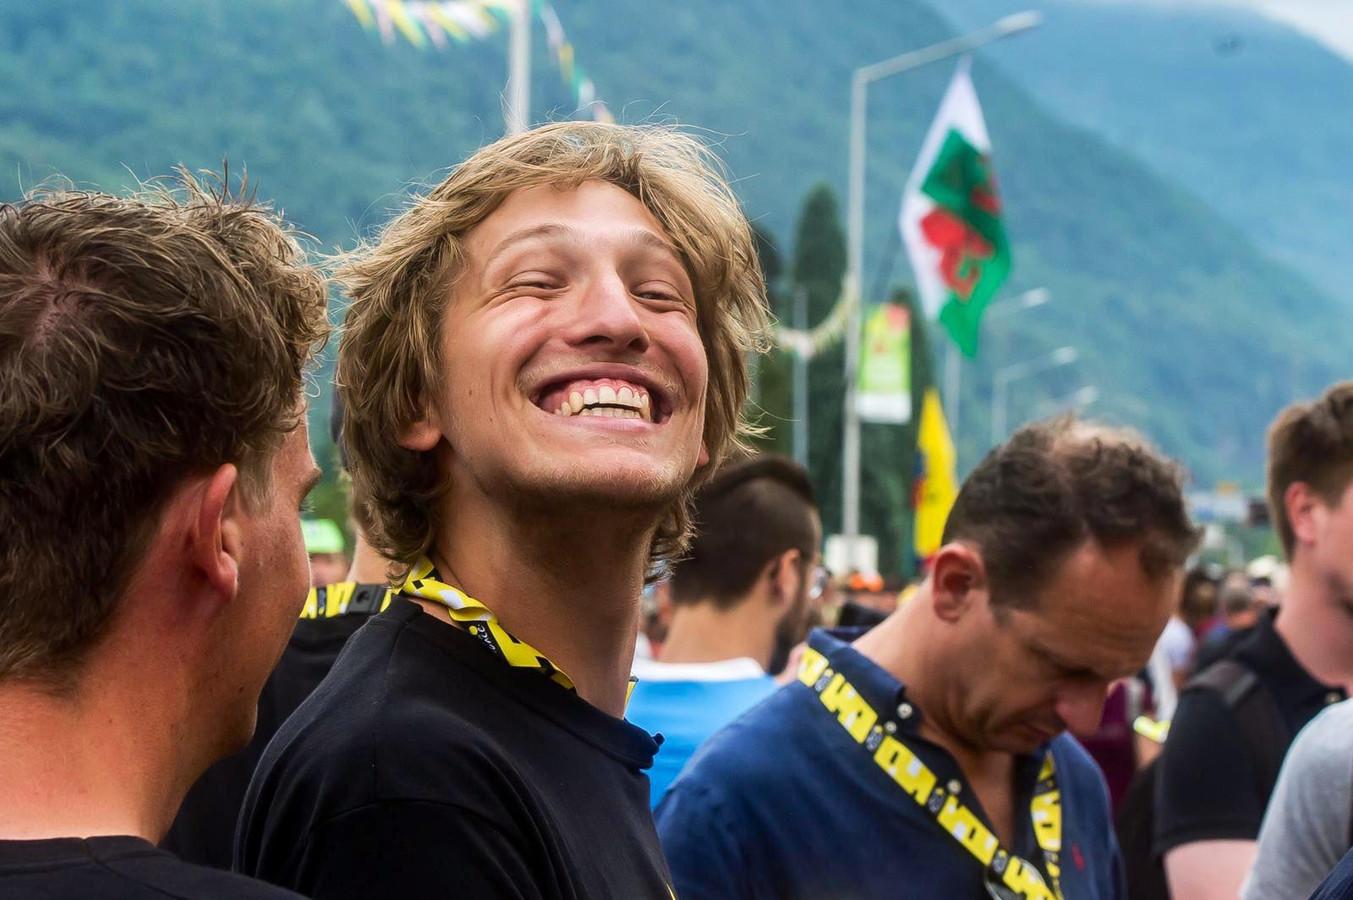 Bas Tietema tijdens de Tour de France vorig jaar.